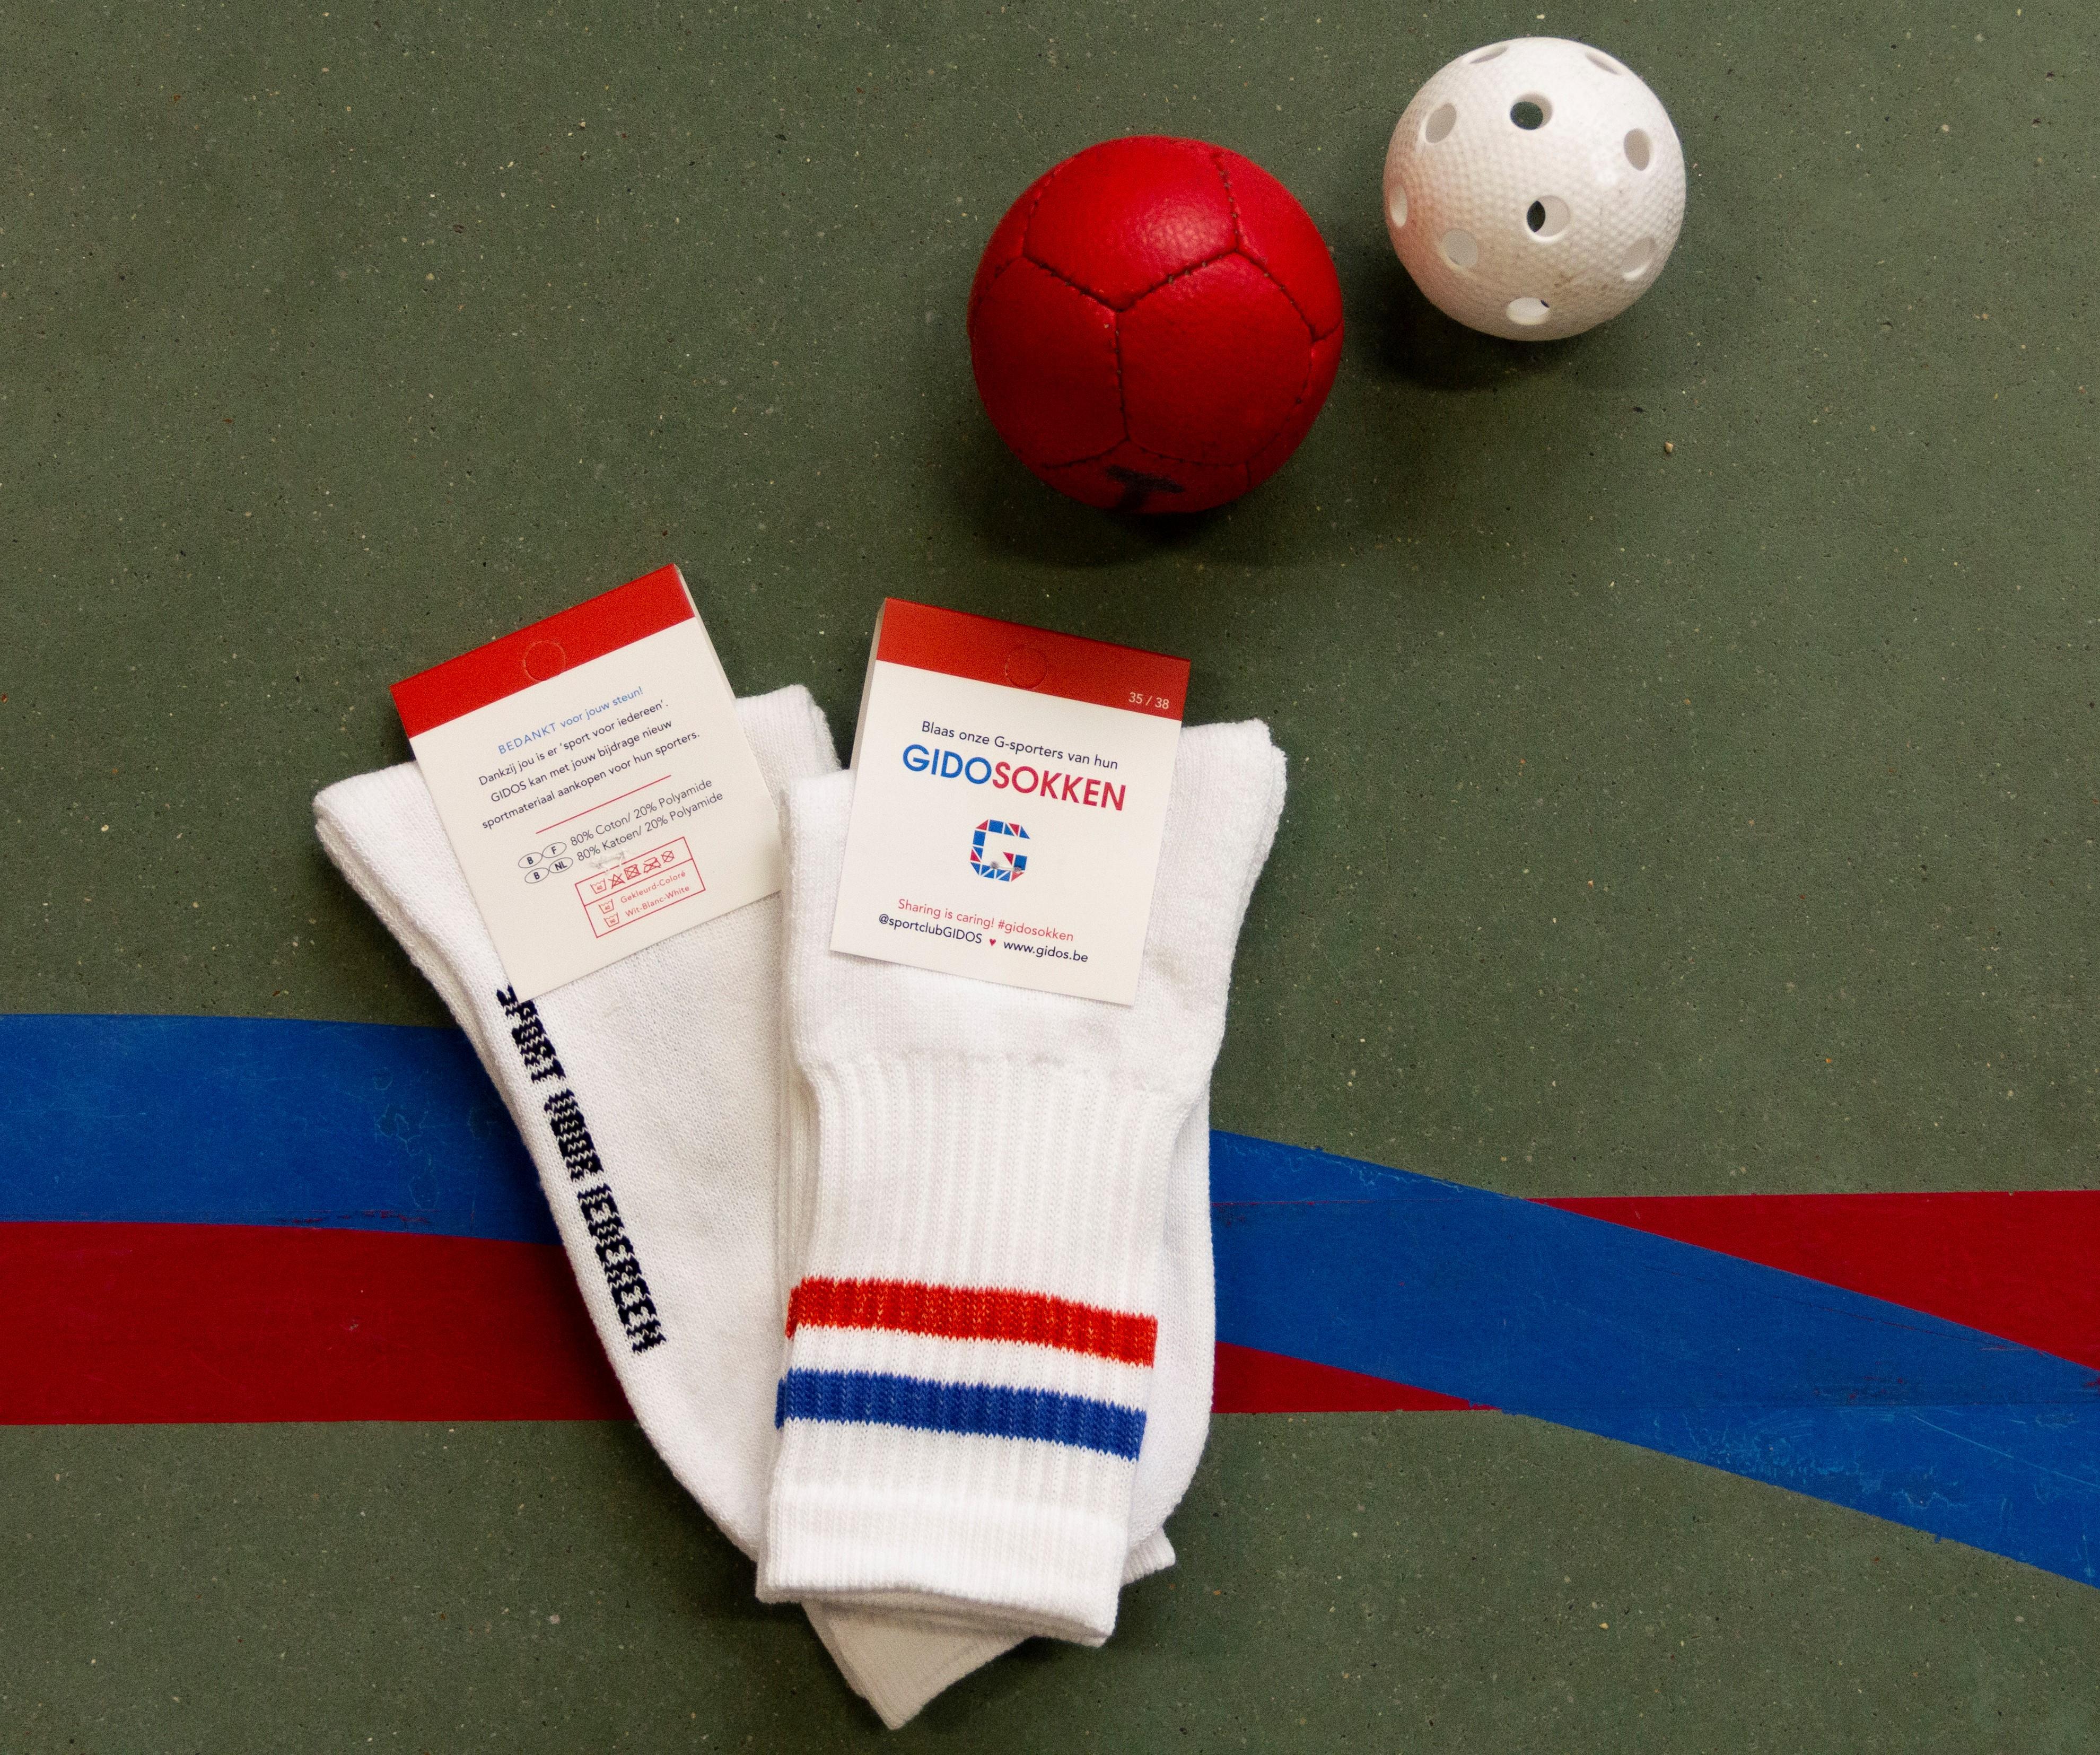 G-sportclub GIDOS pakt uit met gepersonaliseerde sportsokken... (Hooglede) - Het Nieuwsblad